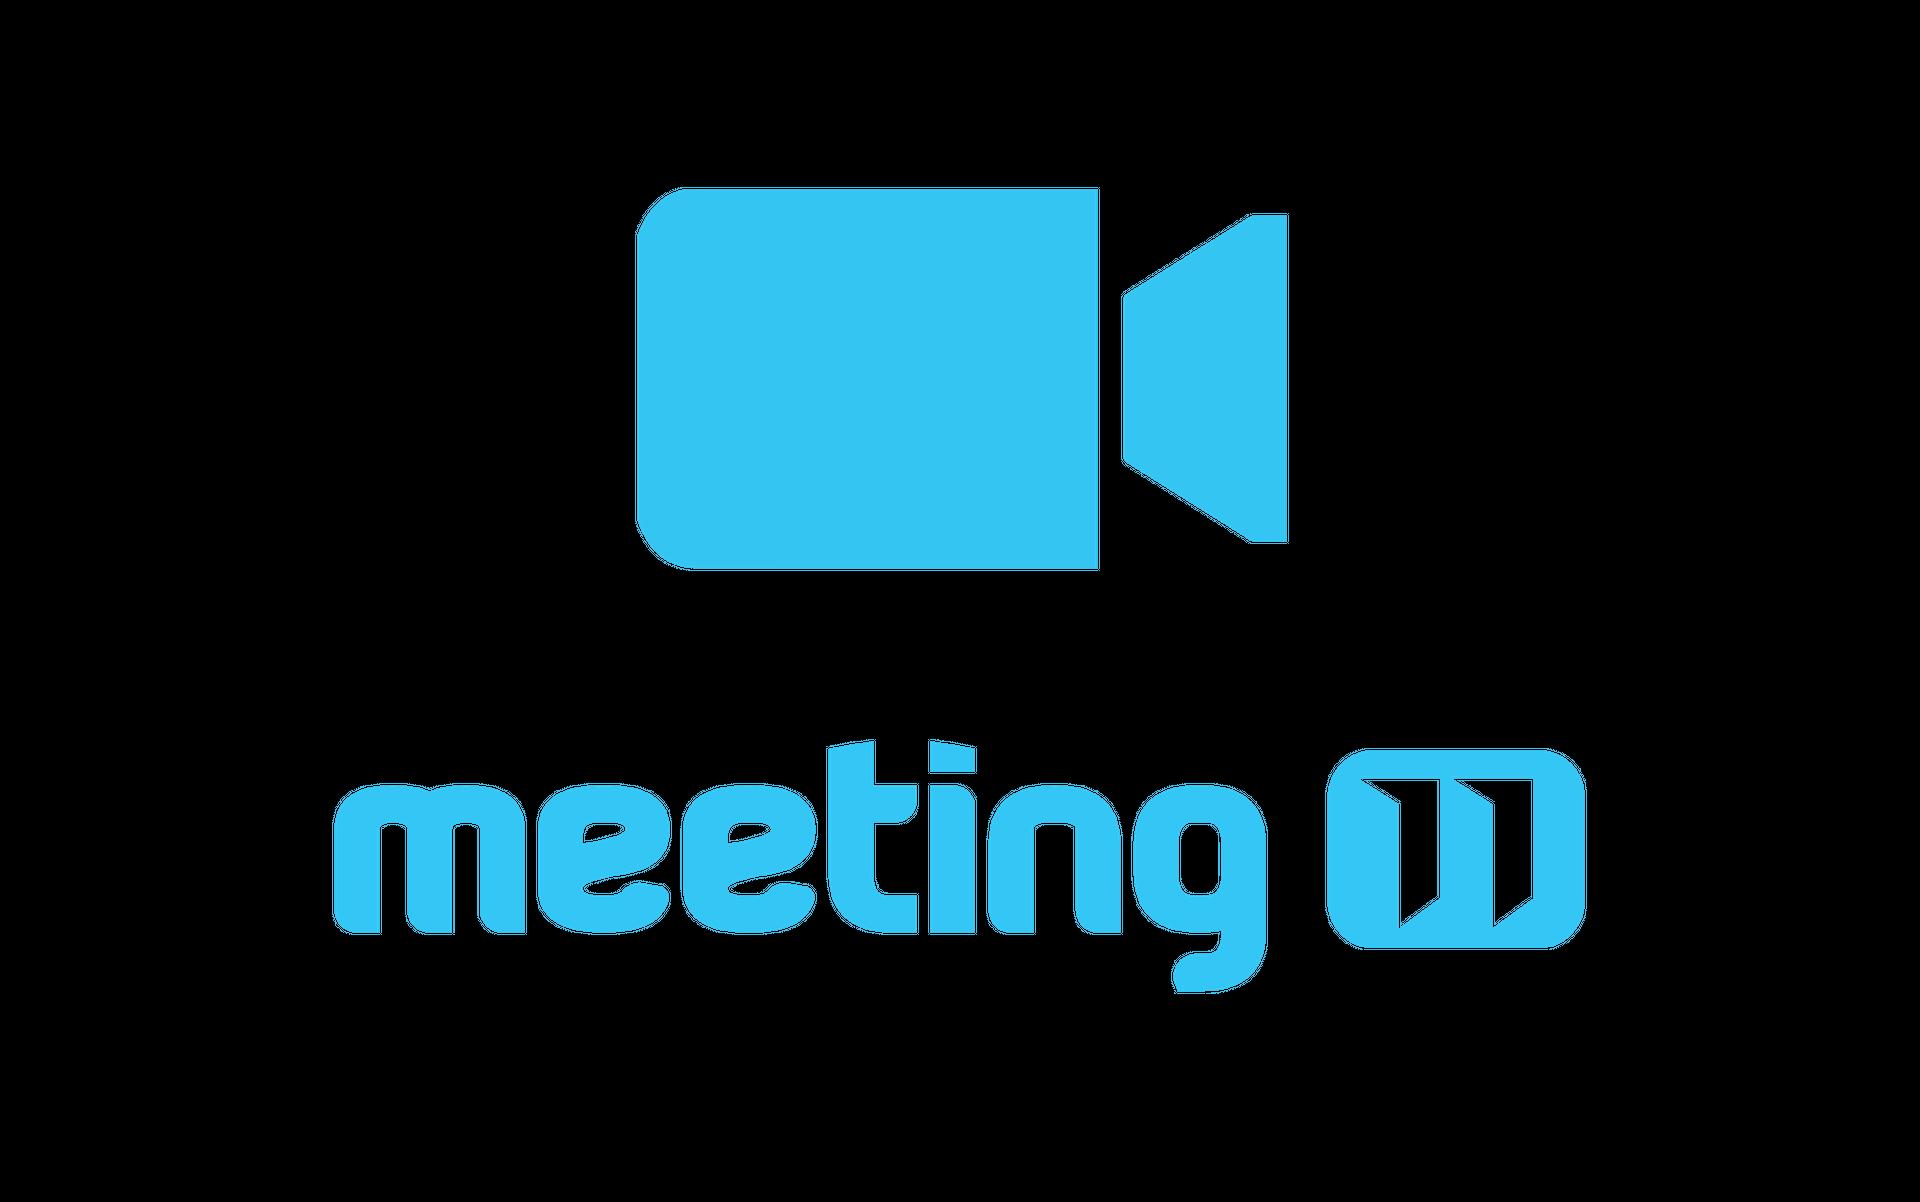 iconMeeting11.png